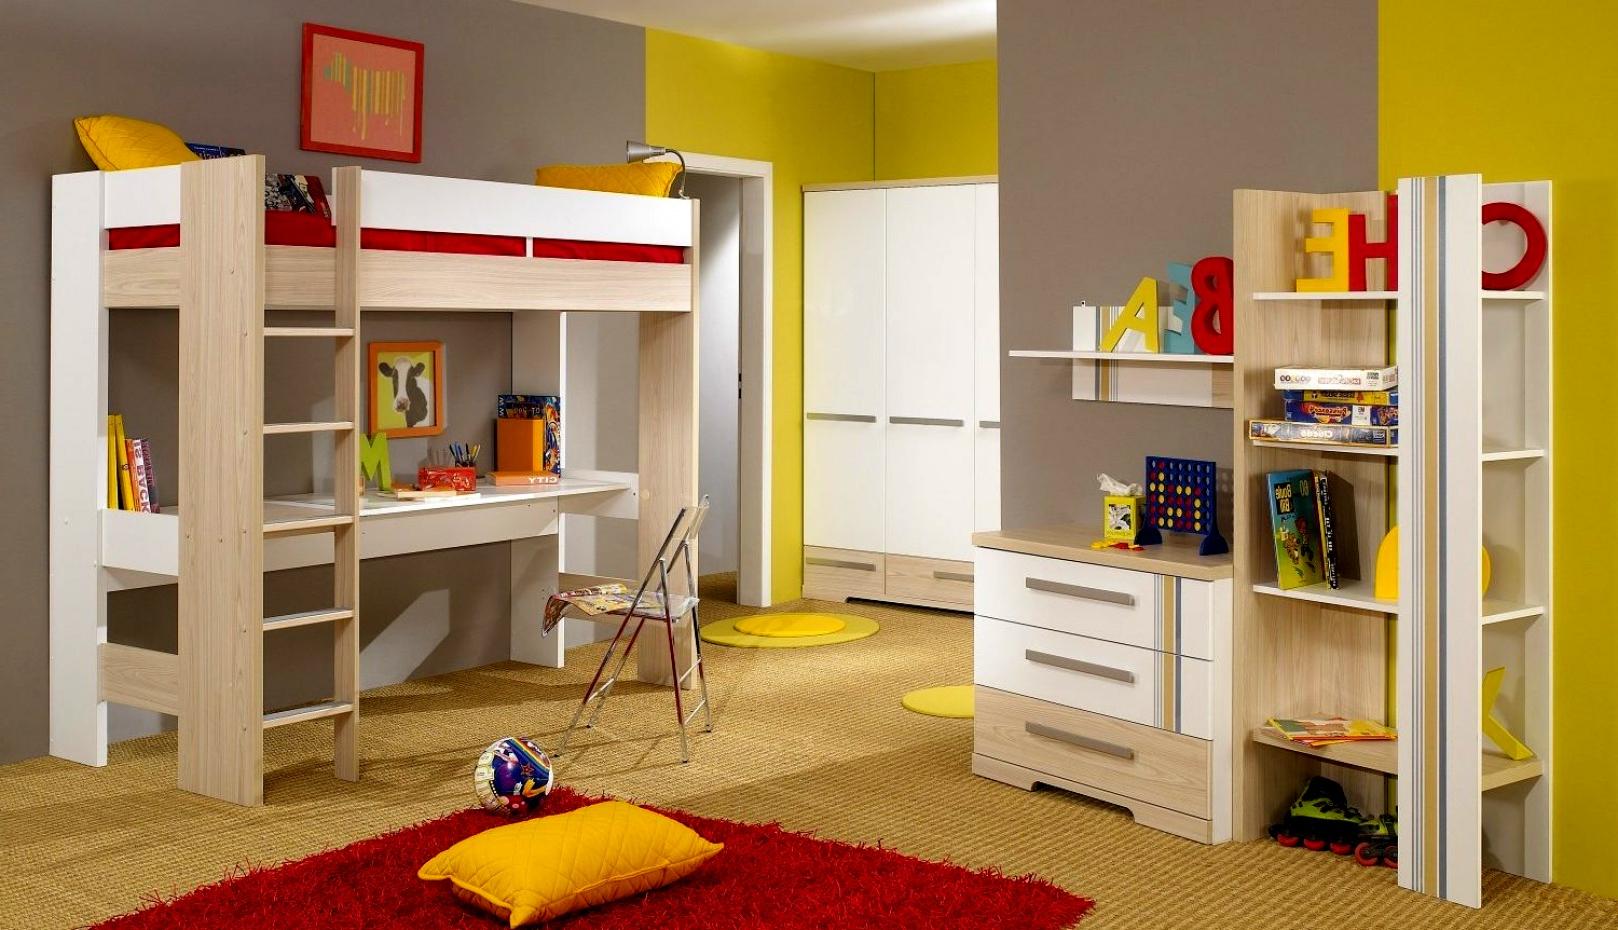 Muebles Para Habitaciones Pequeñas 0gdr Nuevo Ideas Para Decorar Habitaciones Juveniles Peque C3 B1as